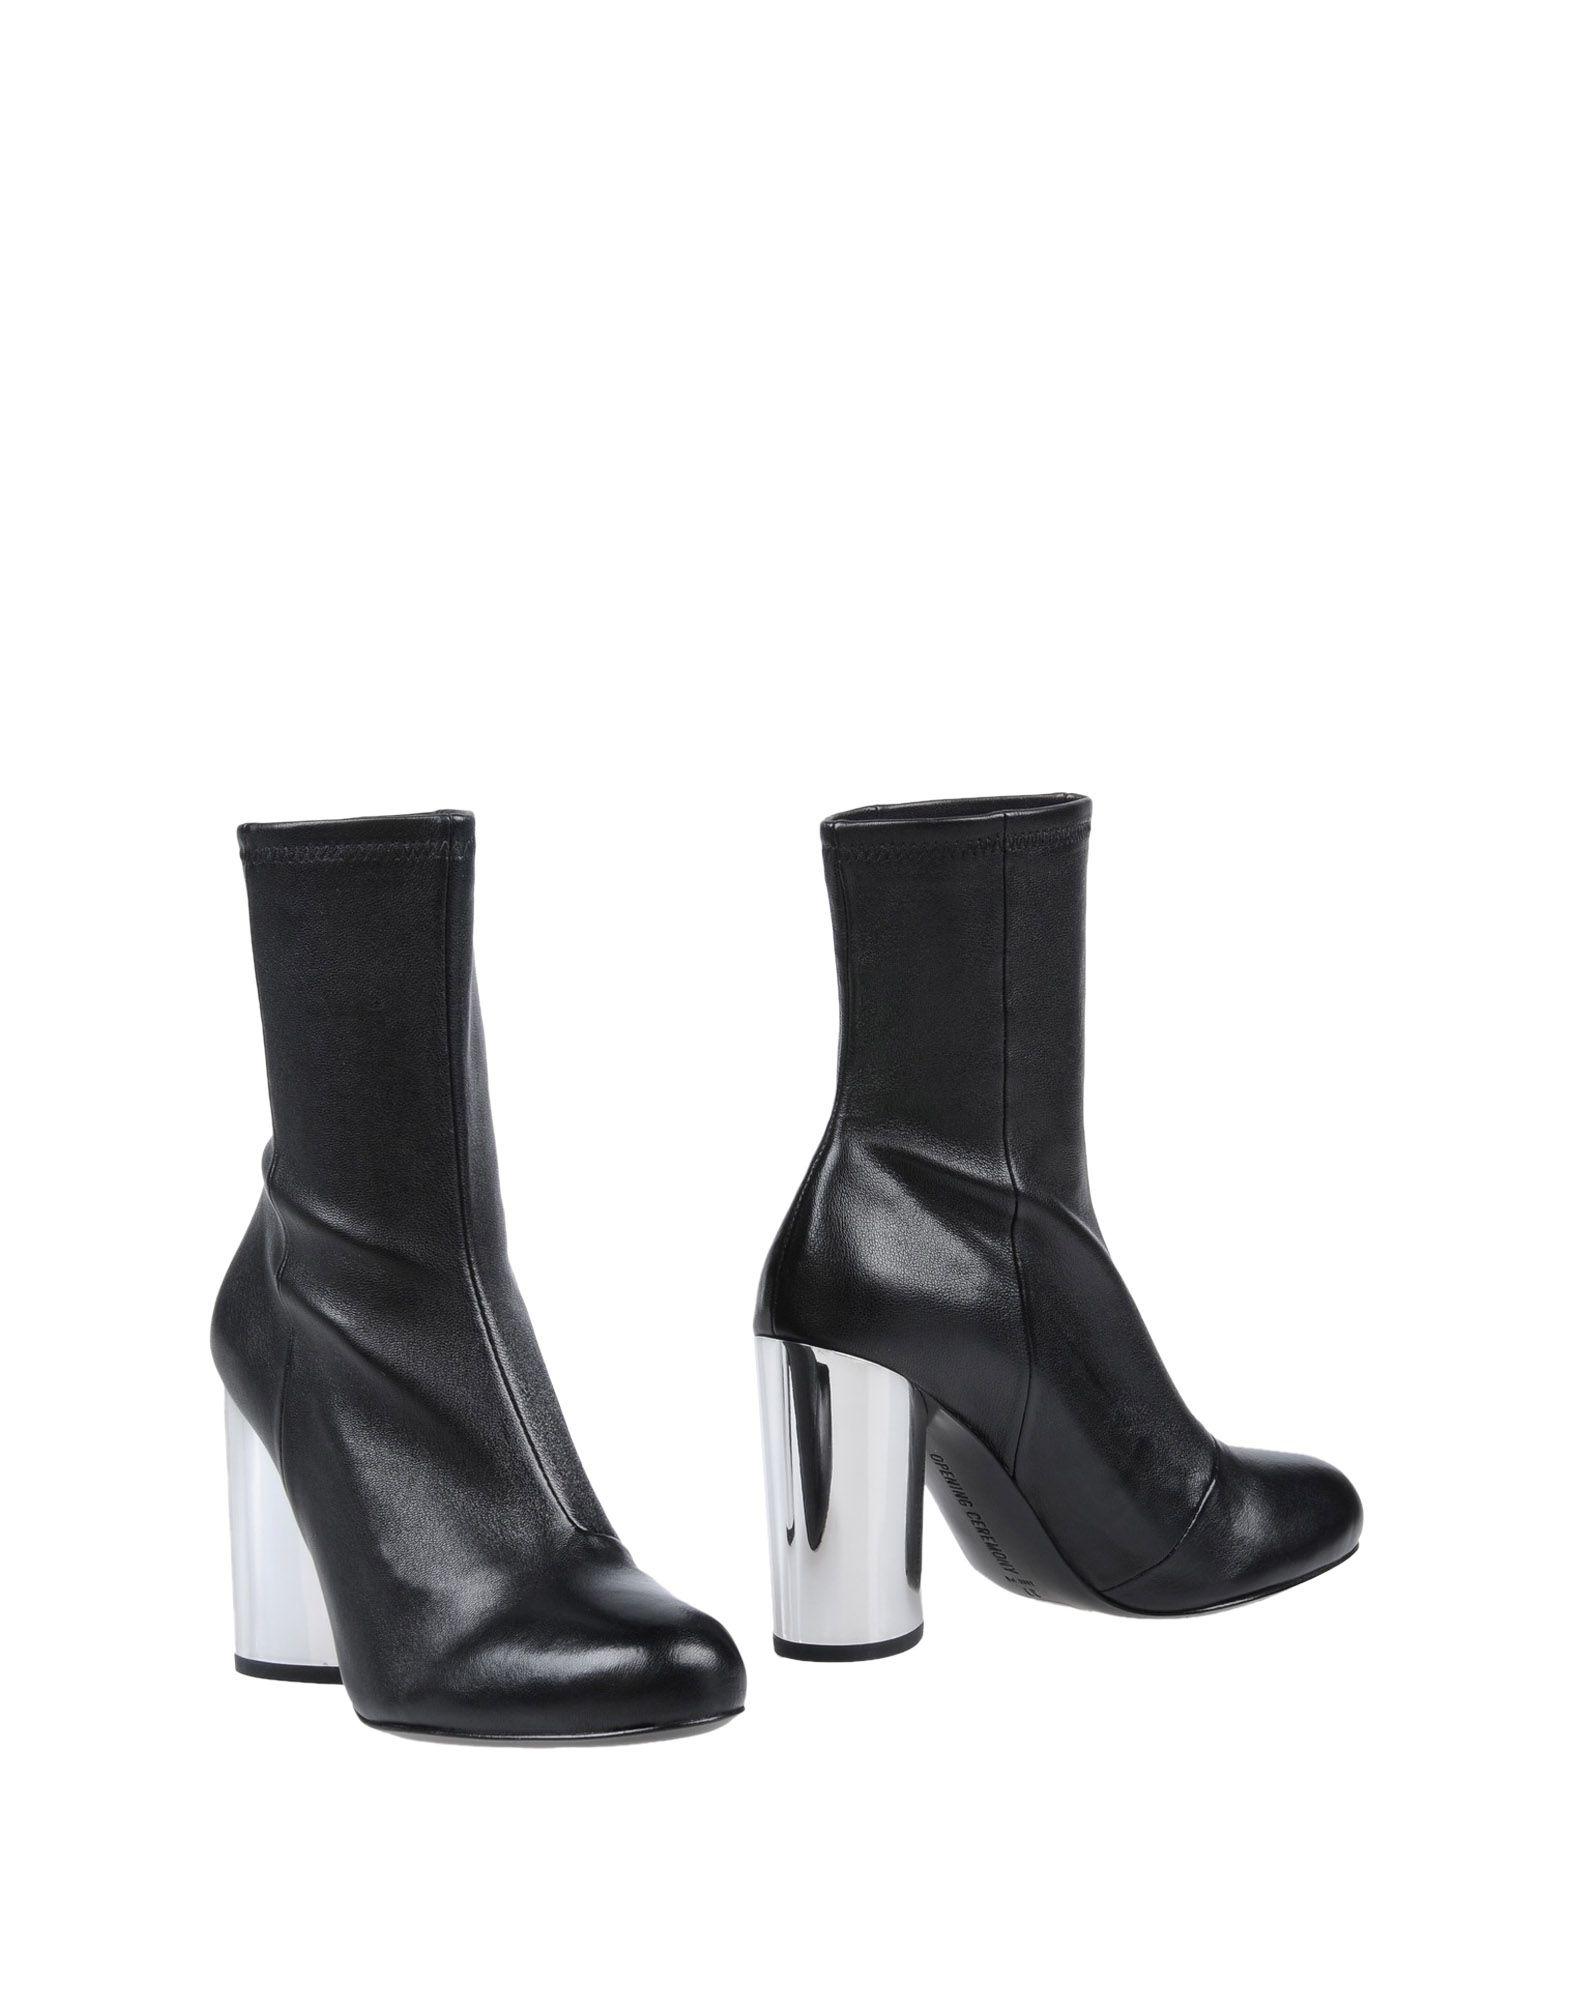 Opening Ceremony Stiefelette Damen  11441585VD Gute Qualität beliebte Schuhe